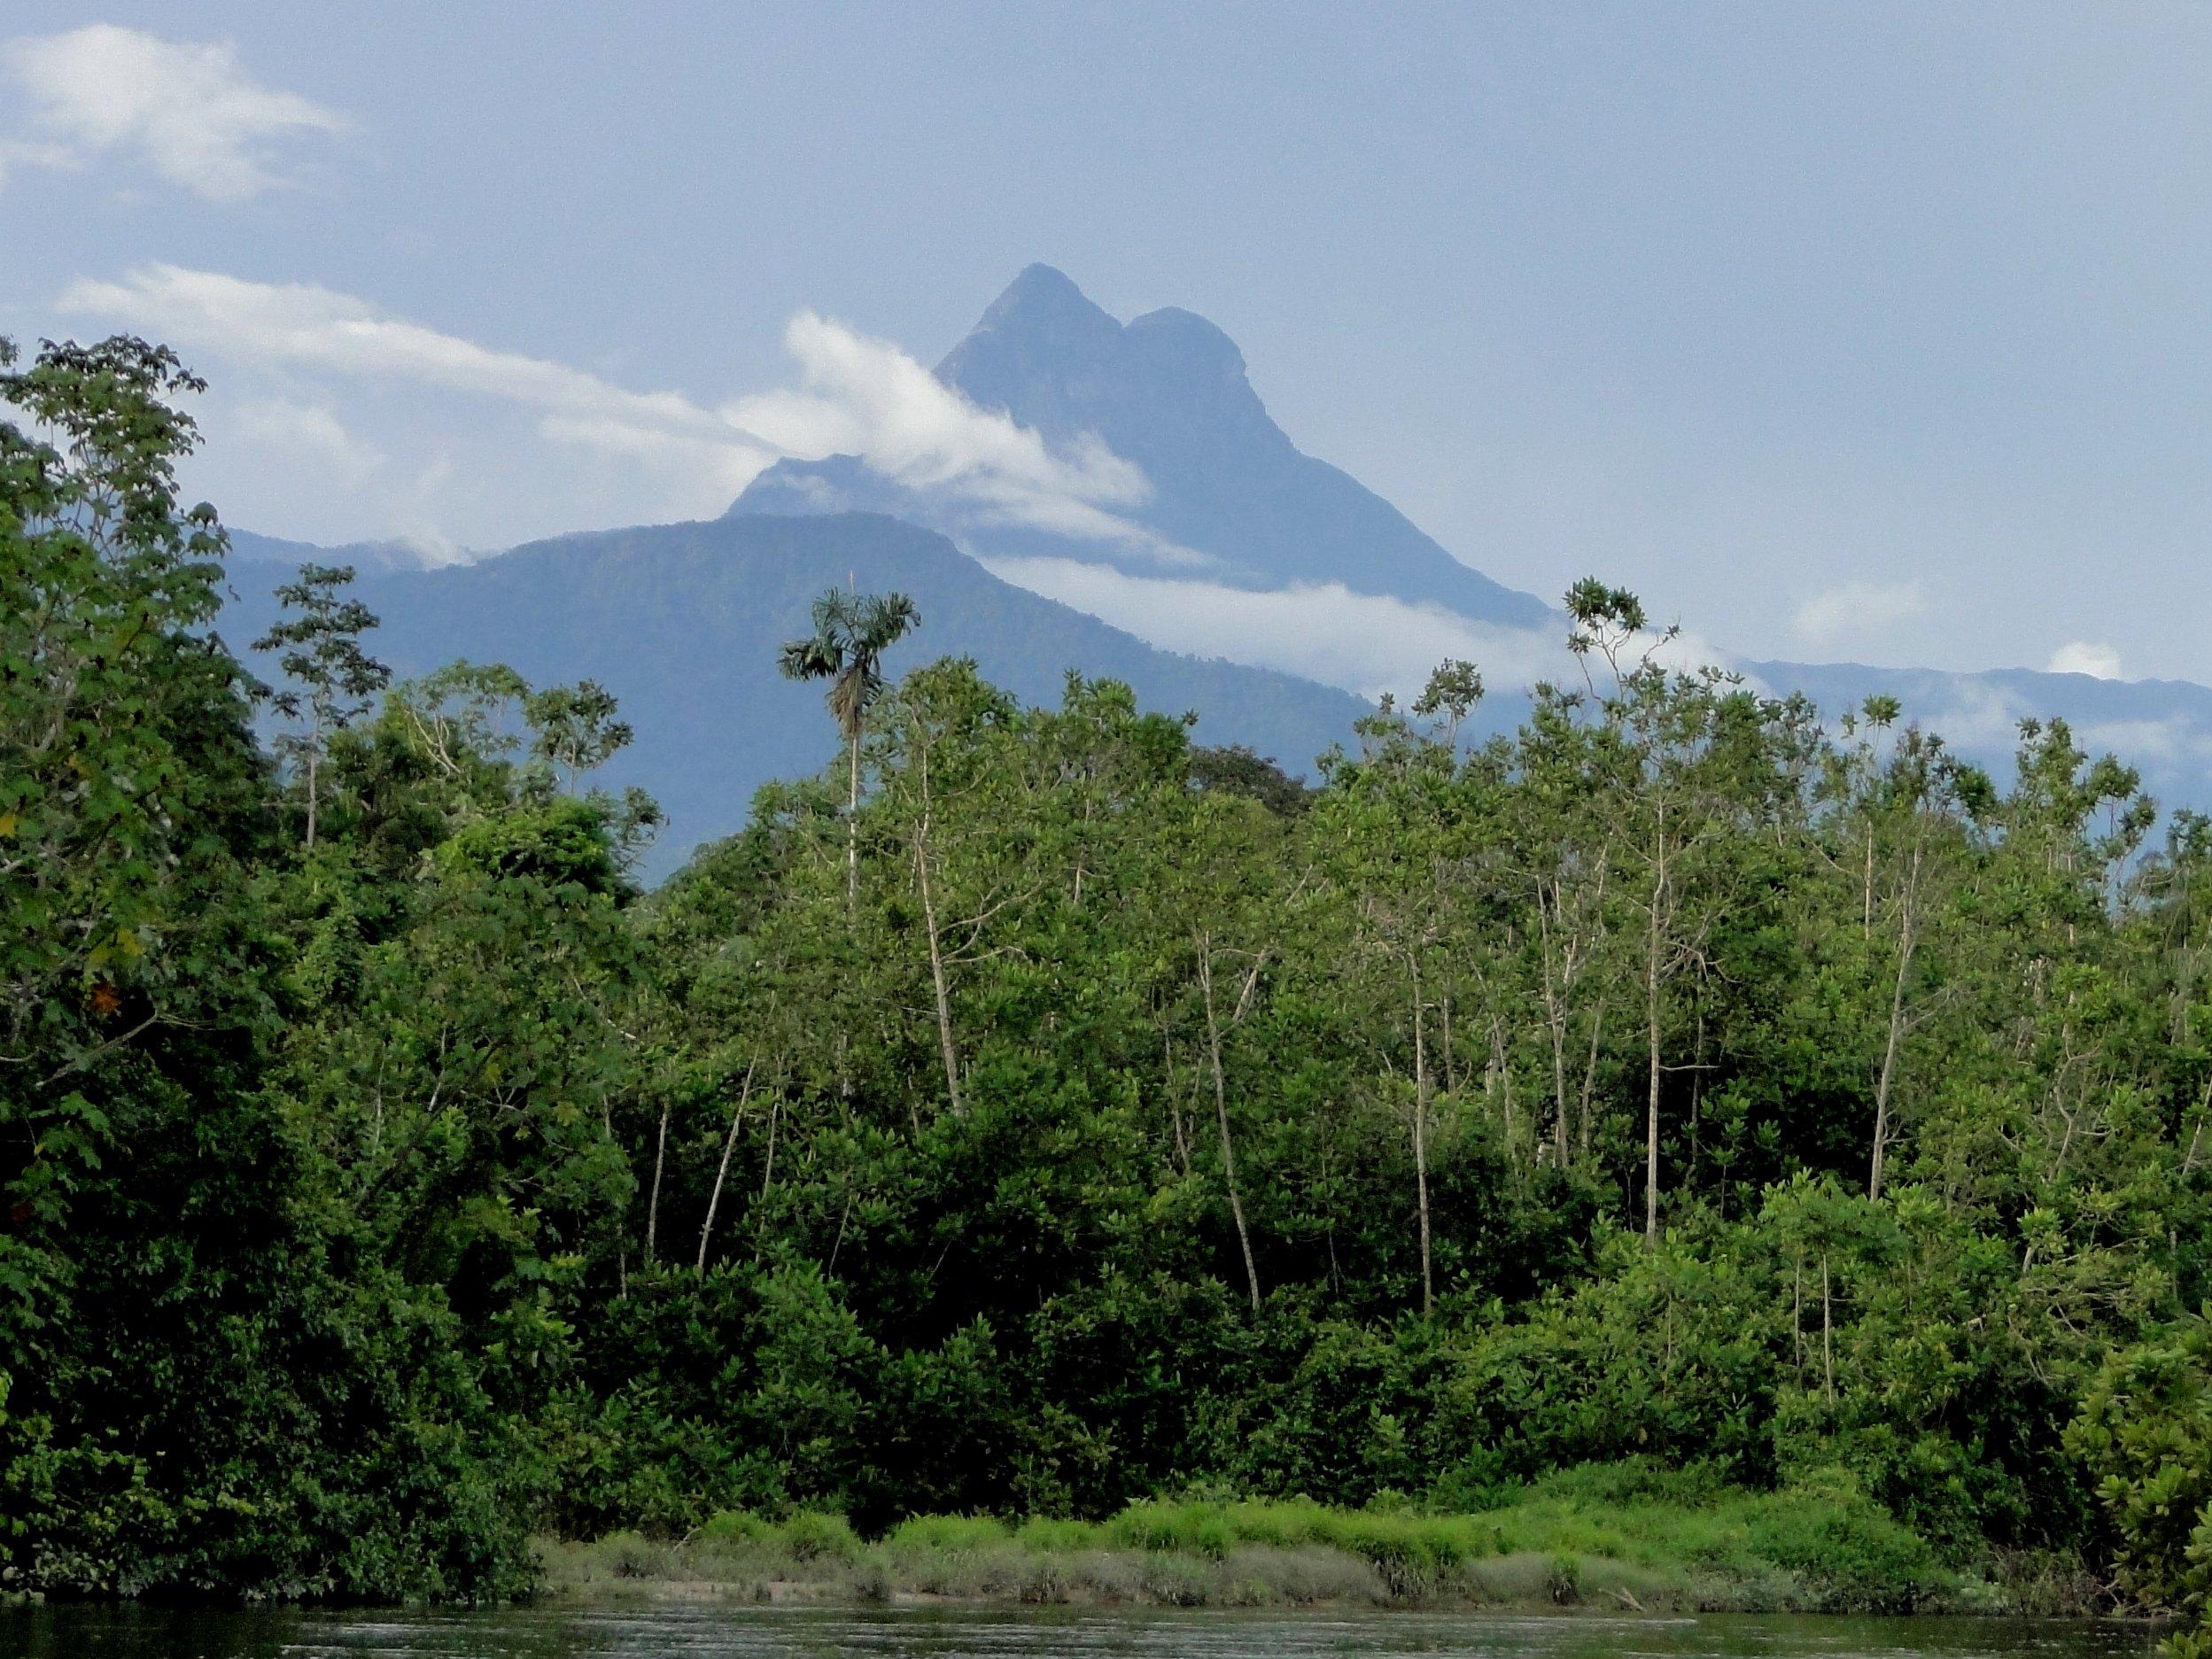 Revisão do IBGE confirmou o Pico da Neblina como o ponto mais alto do Brasil, com 2.995,30 metros em relação ao nível médio do mar. Foto Arquivo ICMBio